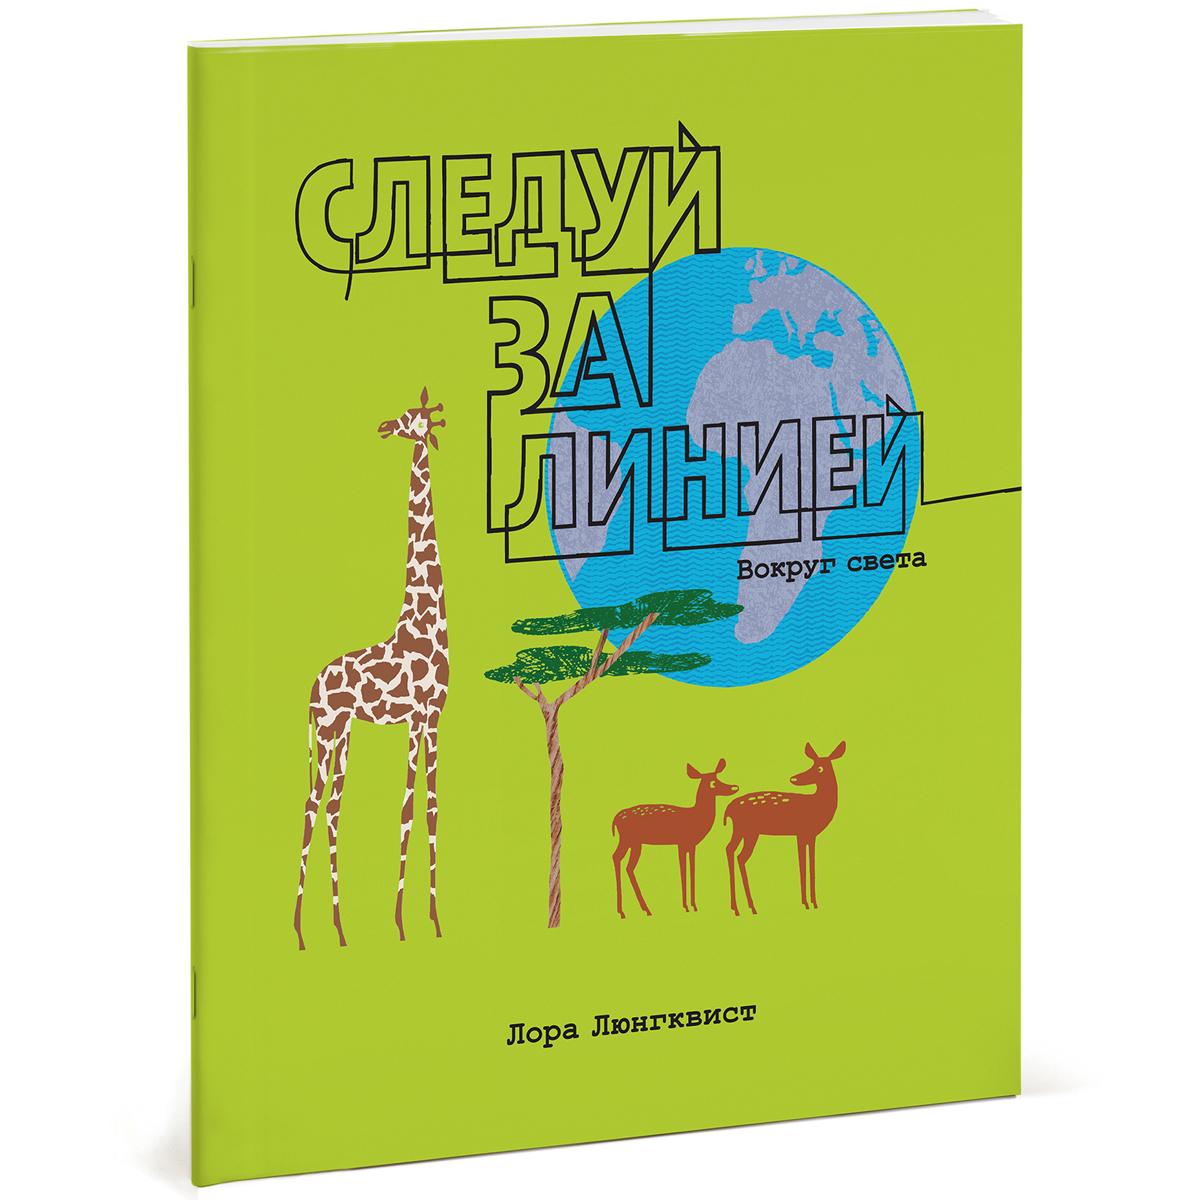 Следуй за линией. Вокруг света12296407О книге Увлекательная книжка-картинка, все иллюстрации в которой нарисованы одной безотрывной линией. Следуй за линией в путешествии к верблюдам в пустыне Сахара и синим китам в Гренландии, к жирафам в кенийской саванне и кенгуру из австралийской глубинки. Новая книга в серии Следуй за линией познакомит ребенка с основными климатическими зонами и их удивительными обитателями. Множество познавательных фактов о животных и растениях расширят кругозор ребенка. Например, он узнает, что: • у индийского слона уши меньше, чем у африканского саванного; • зеленая морская черепаха живет больше 80 лет; • пальмы появились около 80 миллионов лет назад; • остров Шри-Ланка в океане по форме напоминает каплю. Фишки книги • Непрерывная линия привлекает внимание, направляет восприятие и помогает заметить все детали картинки. • Это книга для рассматривания, совместного чтения, развития восприятия, внимания, мелкой моторики и зрительно-моторной координации. Для кого...